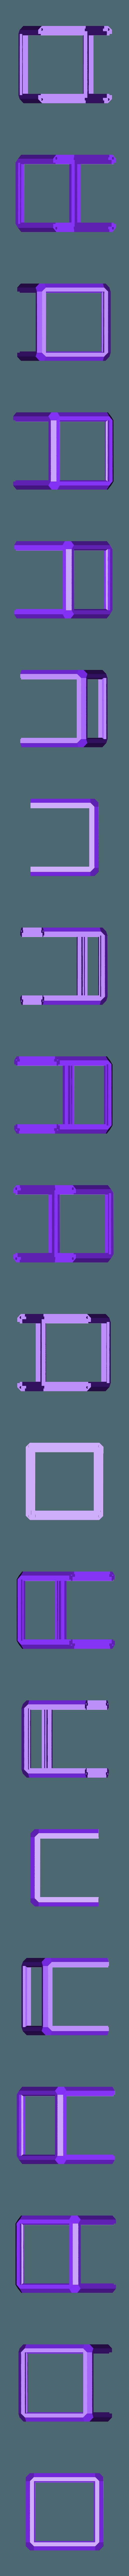 icube-frame.stl Télécharger fichier STL gratuit Cube Infini • Objet pour impression 3D, Adafruit